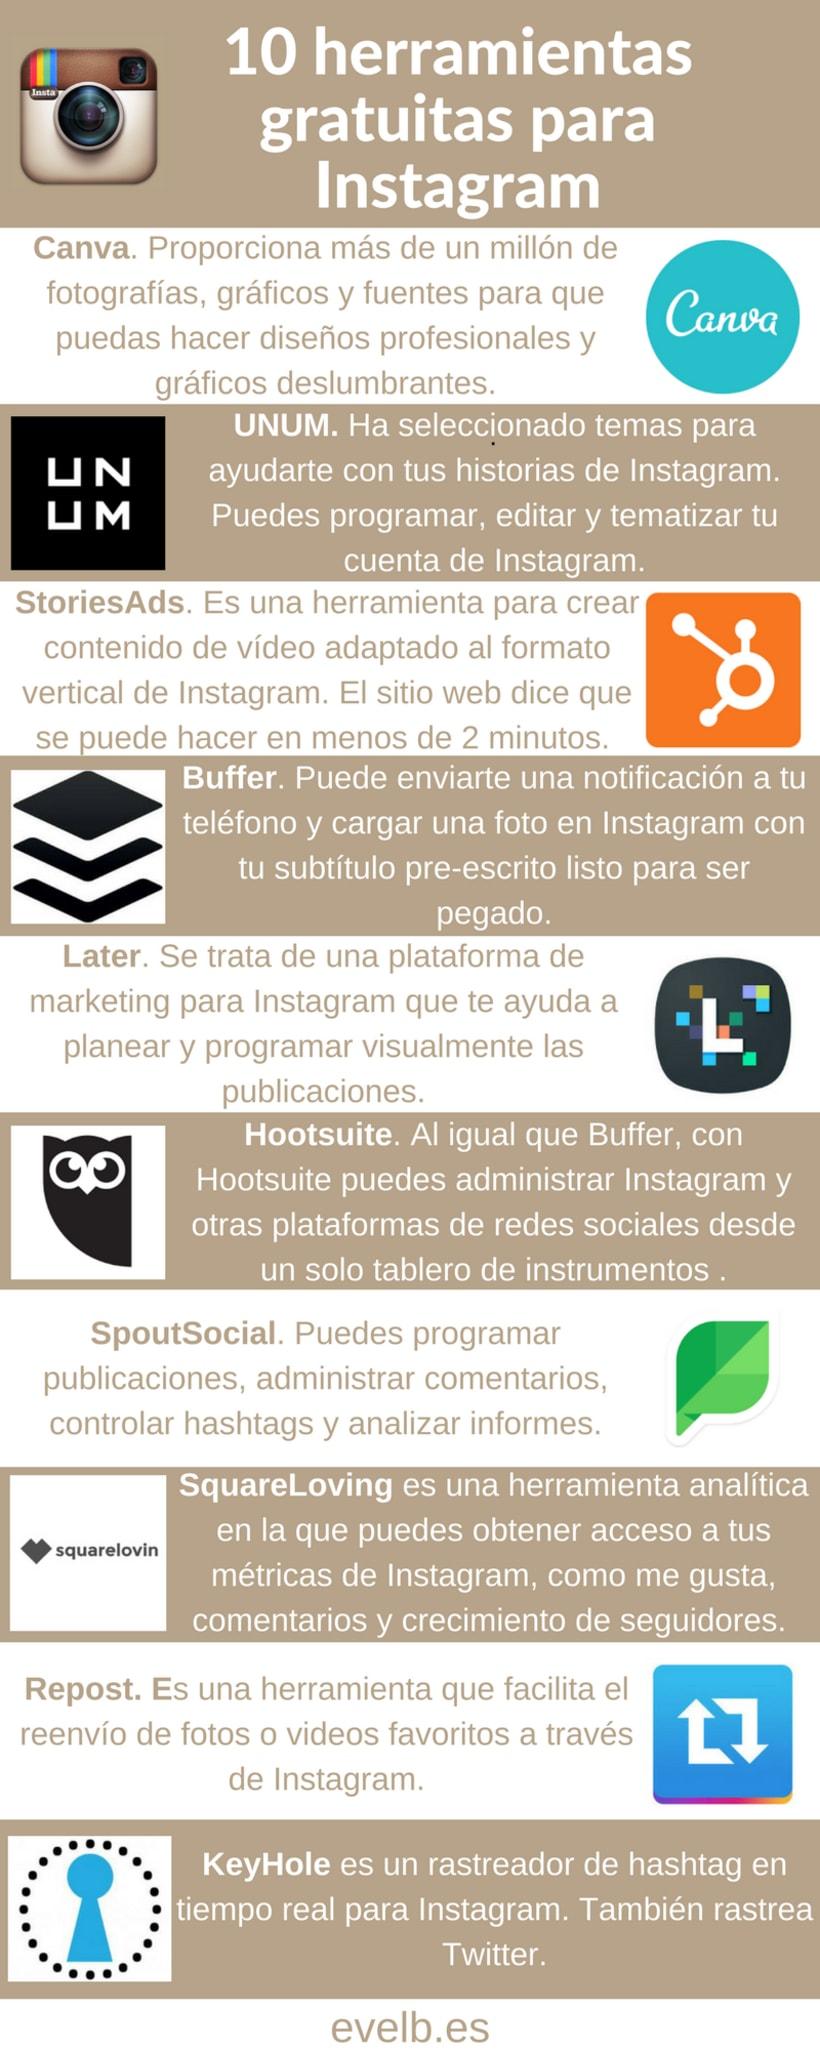 Infografías evelb.es 15